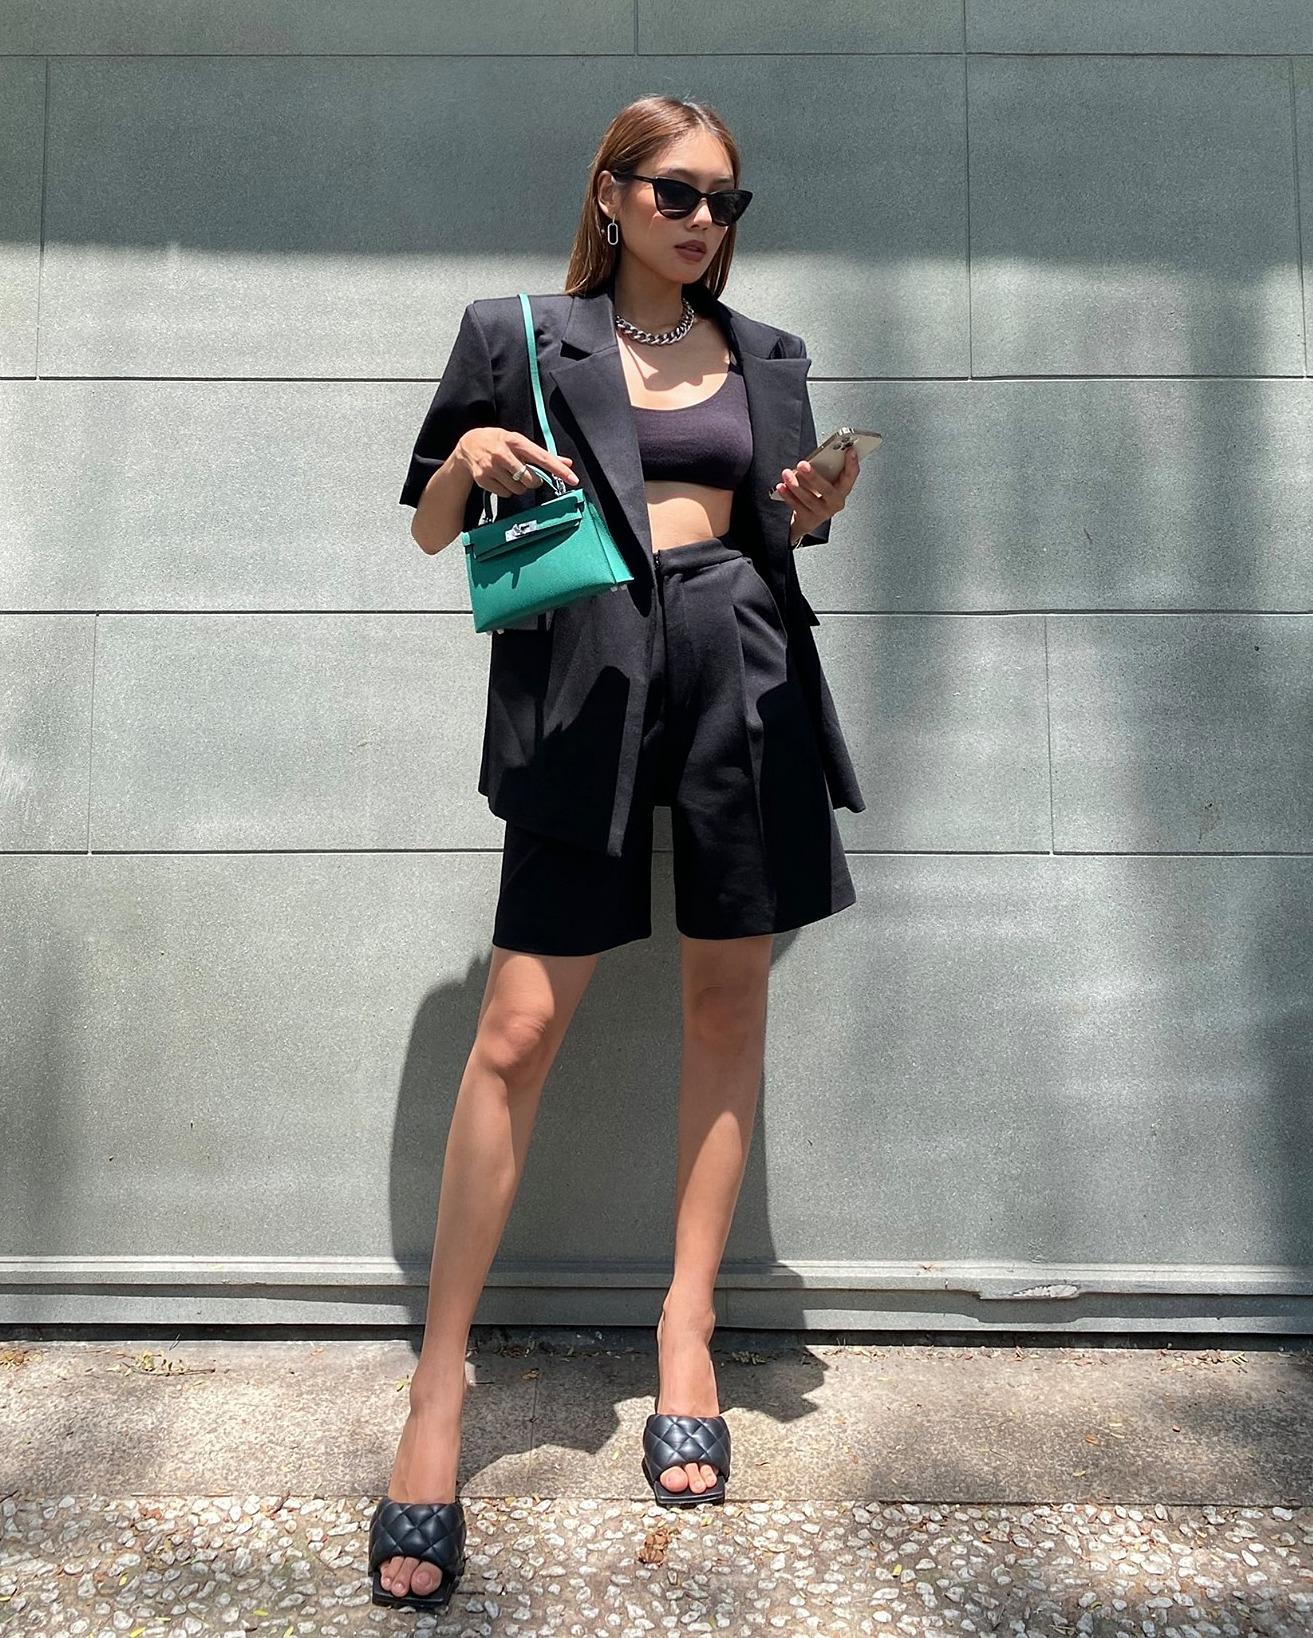 Phong cách hiện đại thường ngày của người đẹp.